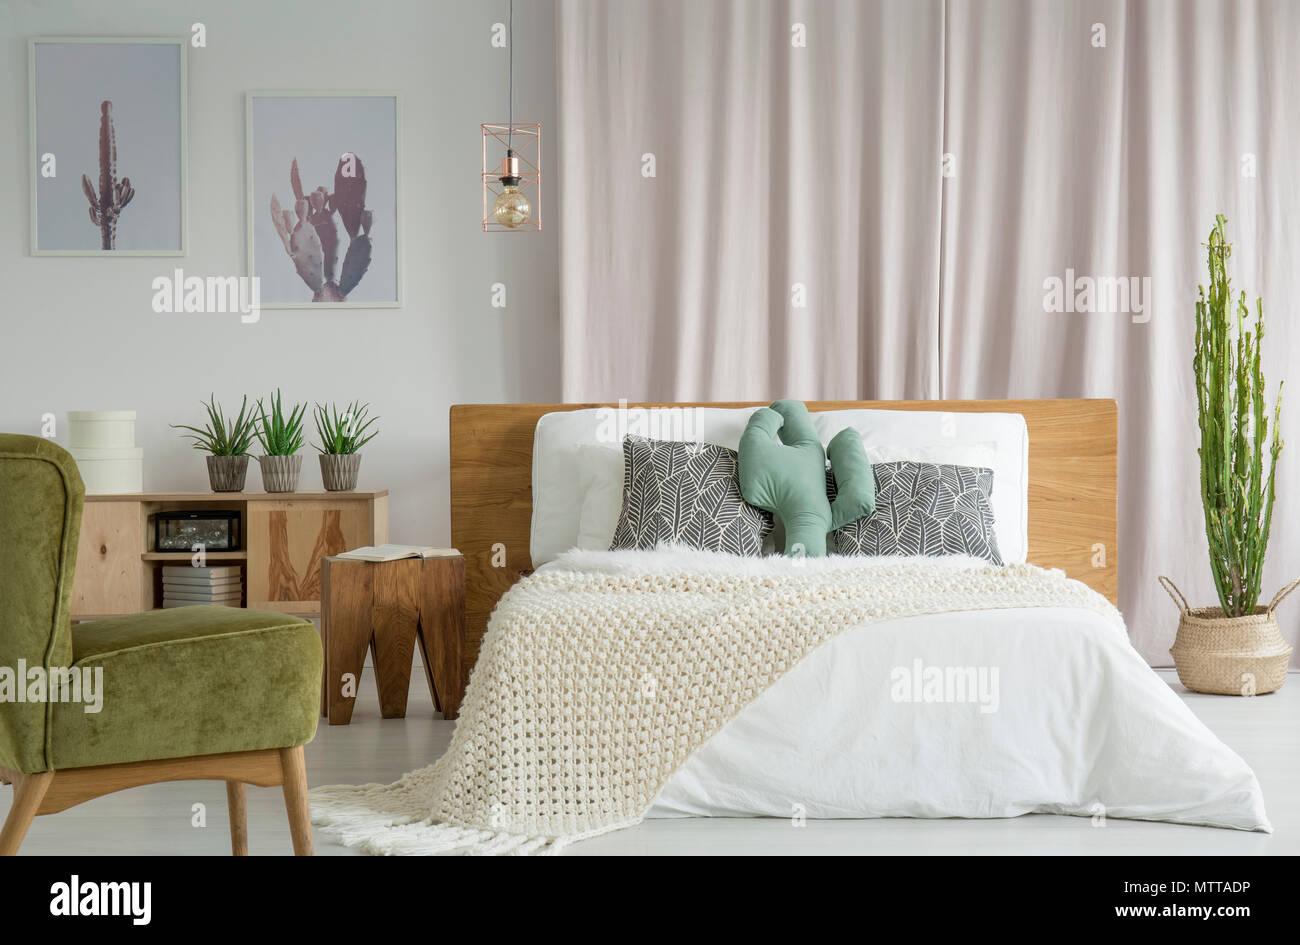 Mobili Rustici Camera Da Letto : Vendemmia verde sedia in camera da letto con cactus mobili